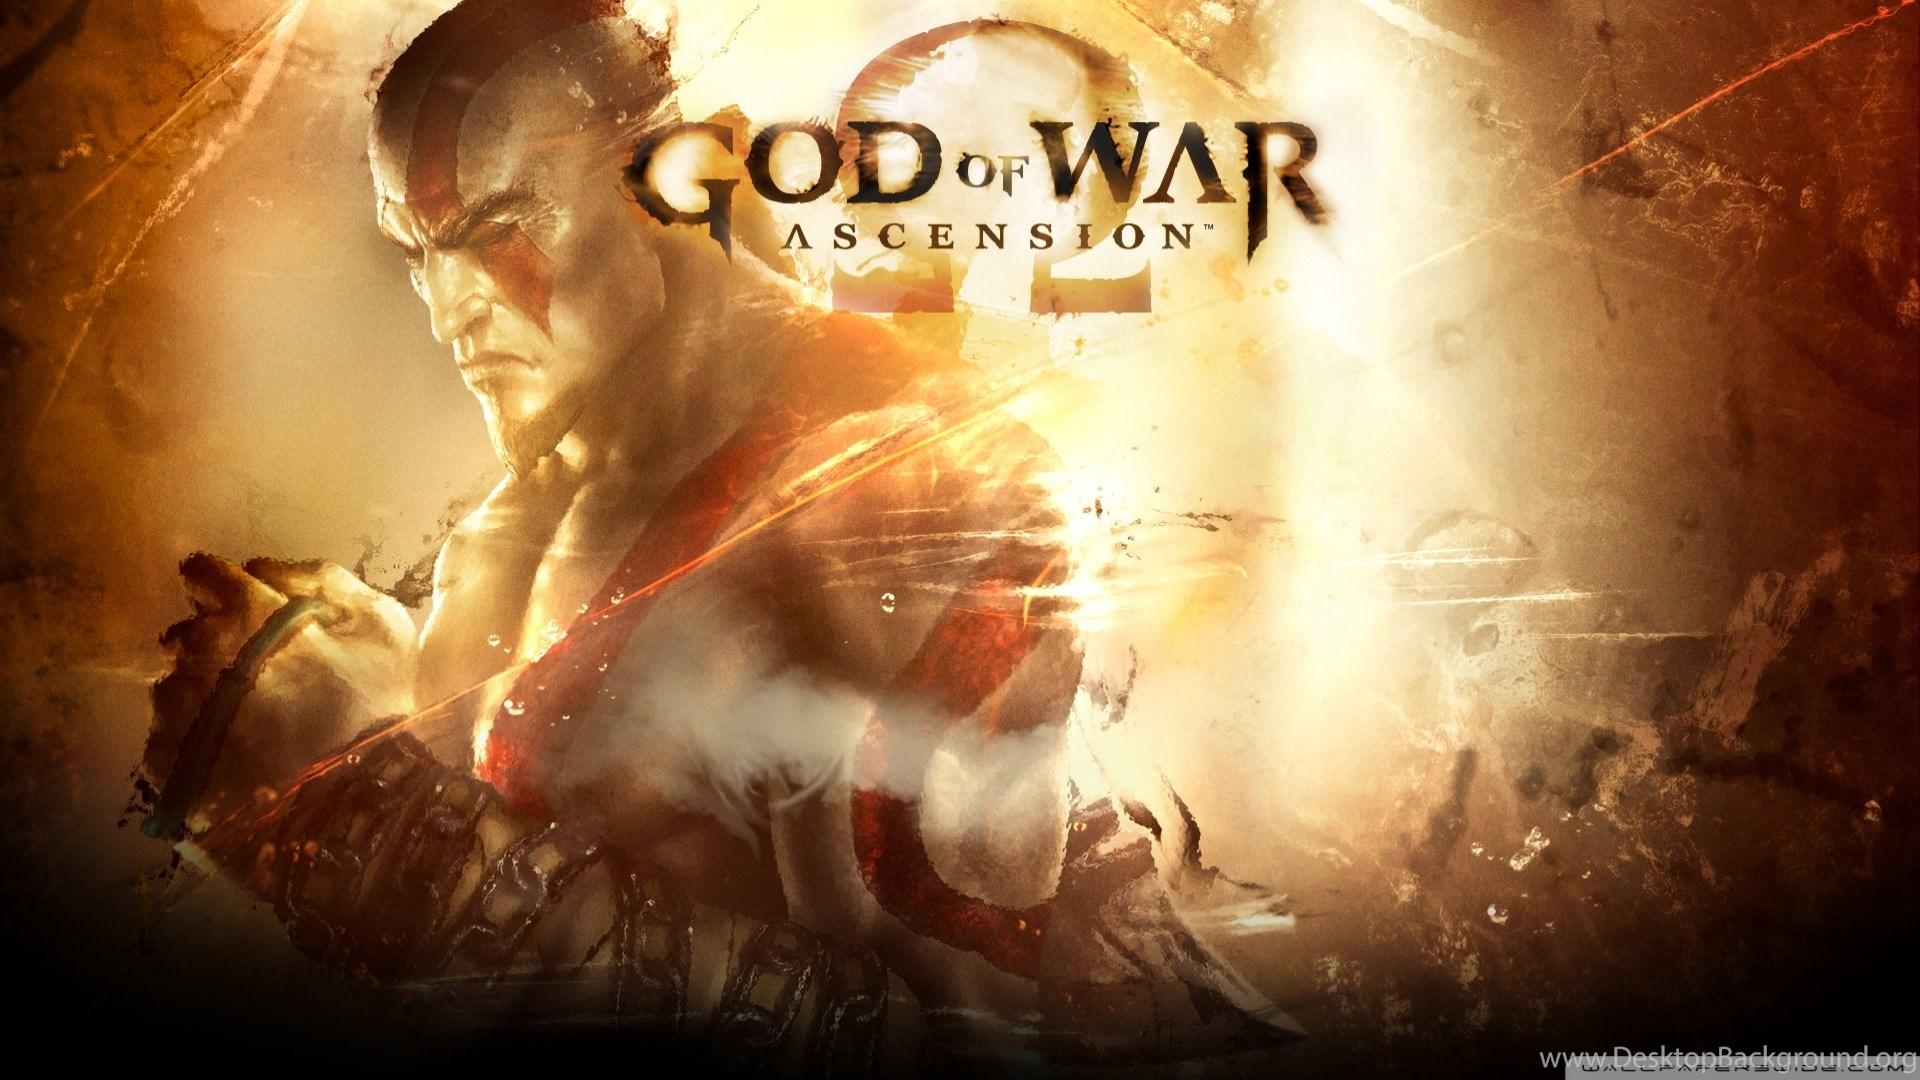 God Of War Ascension Wallpapers 1920x1080 Desktop Background